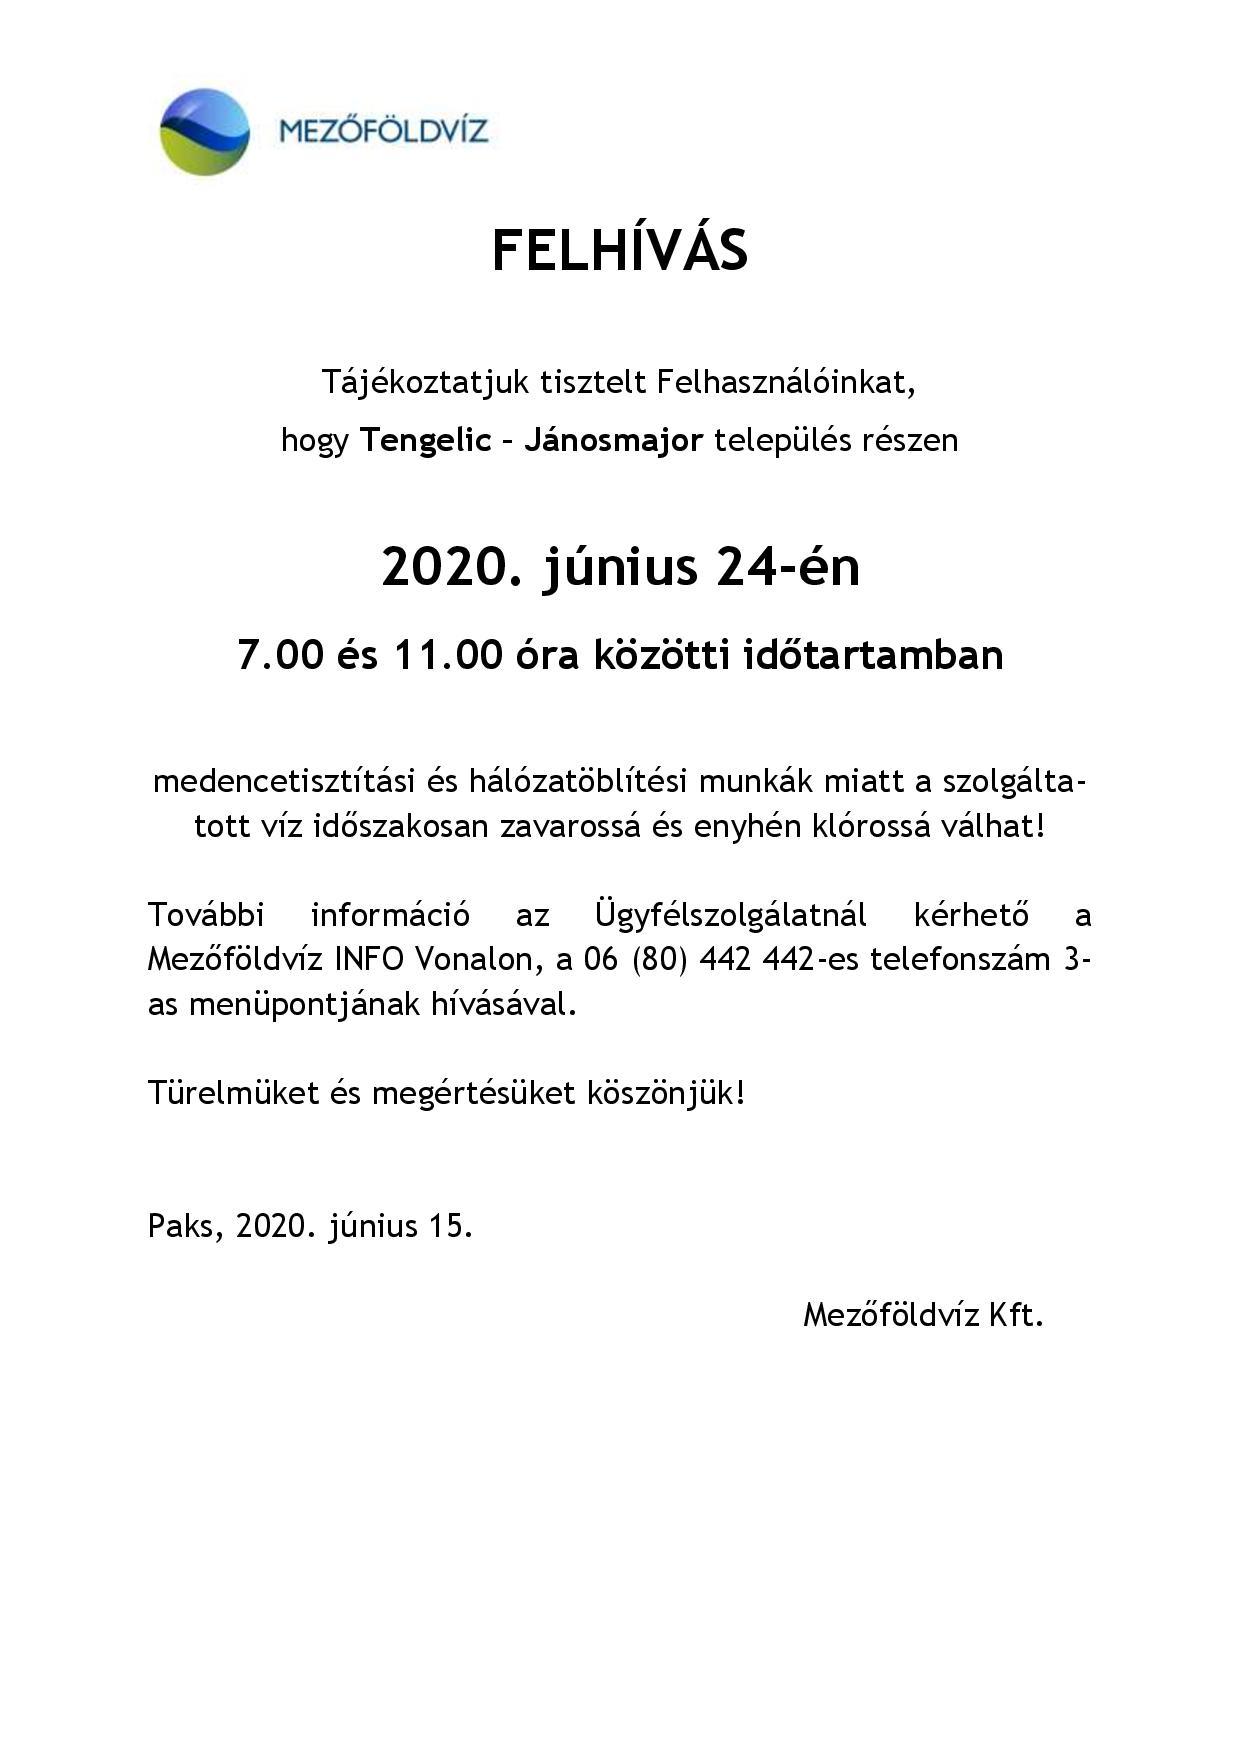 Tájékoztatás - Hálózat öblítés és medence mosatás miatti vízhiányról, nyomáscsökkenésről Tengelic-Jánosmajor 2020.06.24